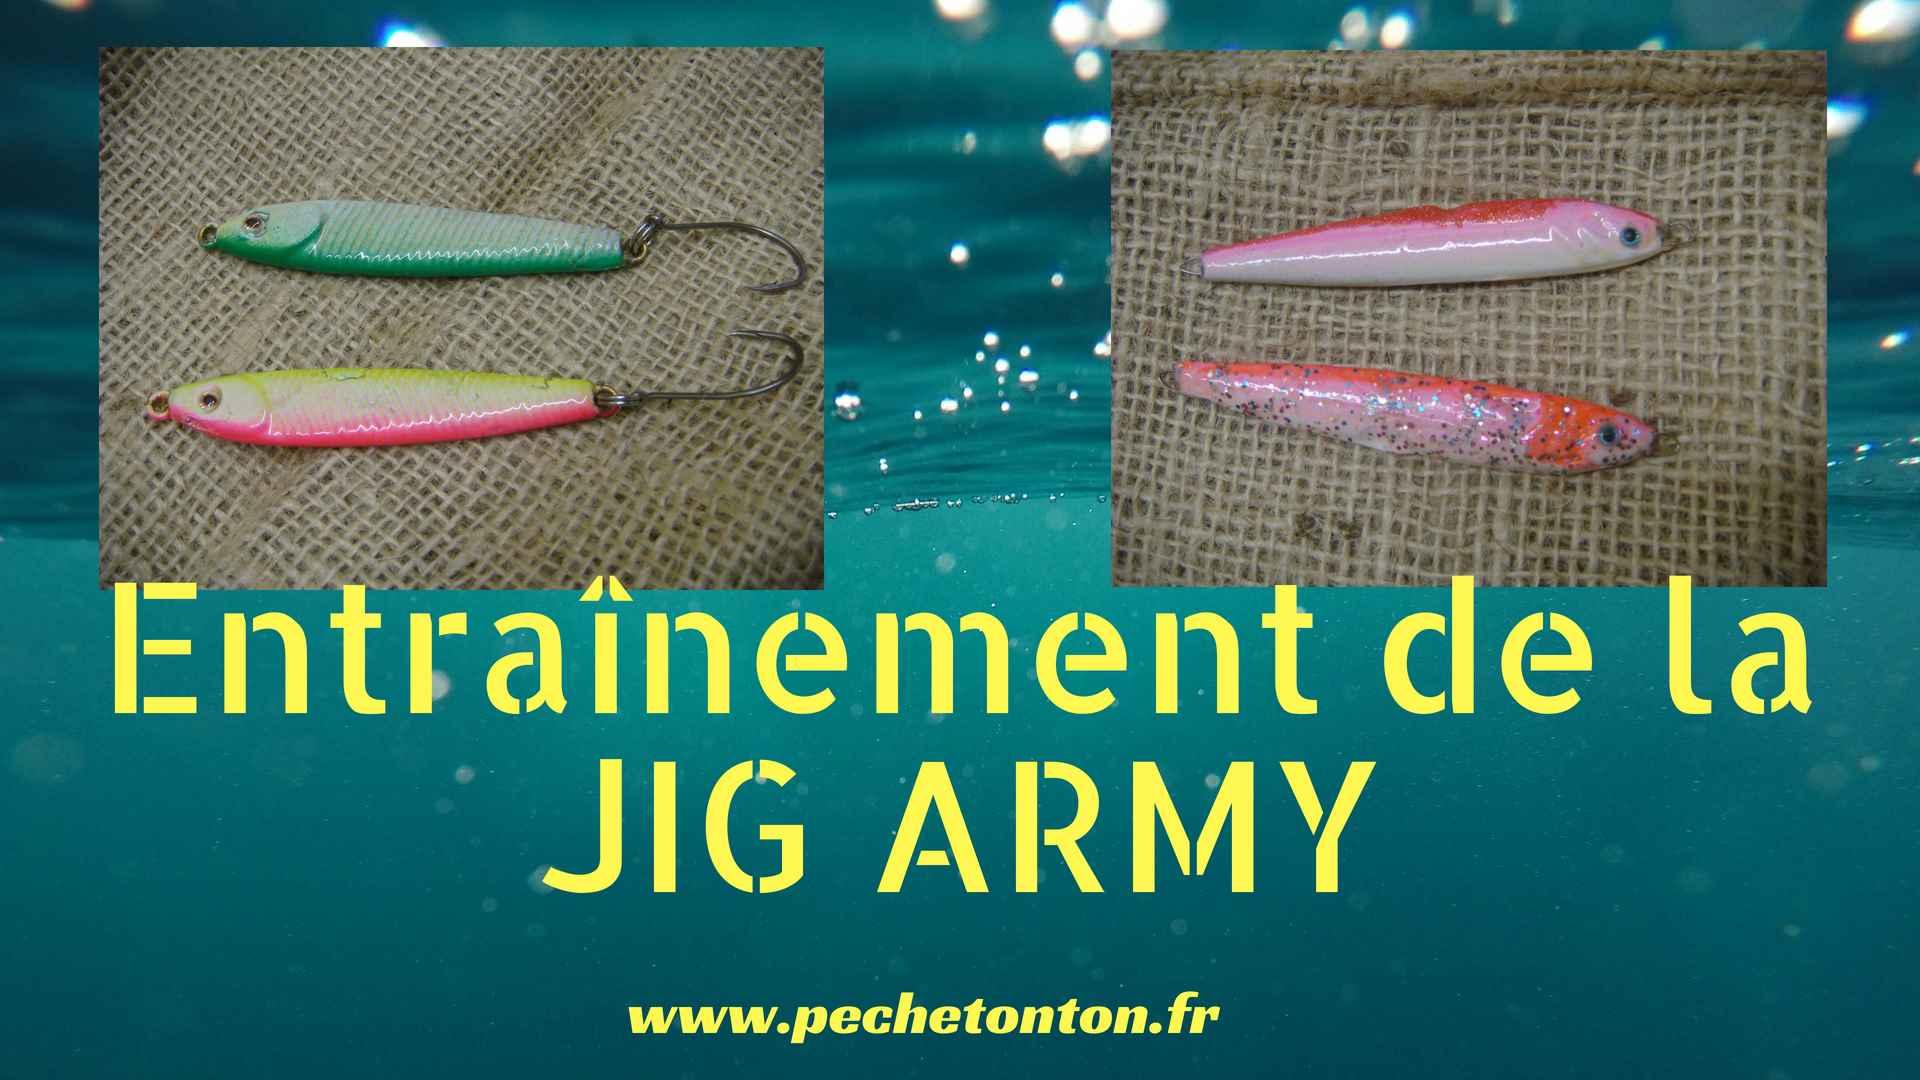 Entraînement de la «JIG ARMY»